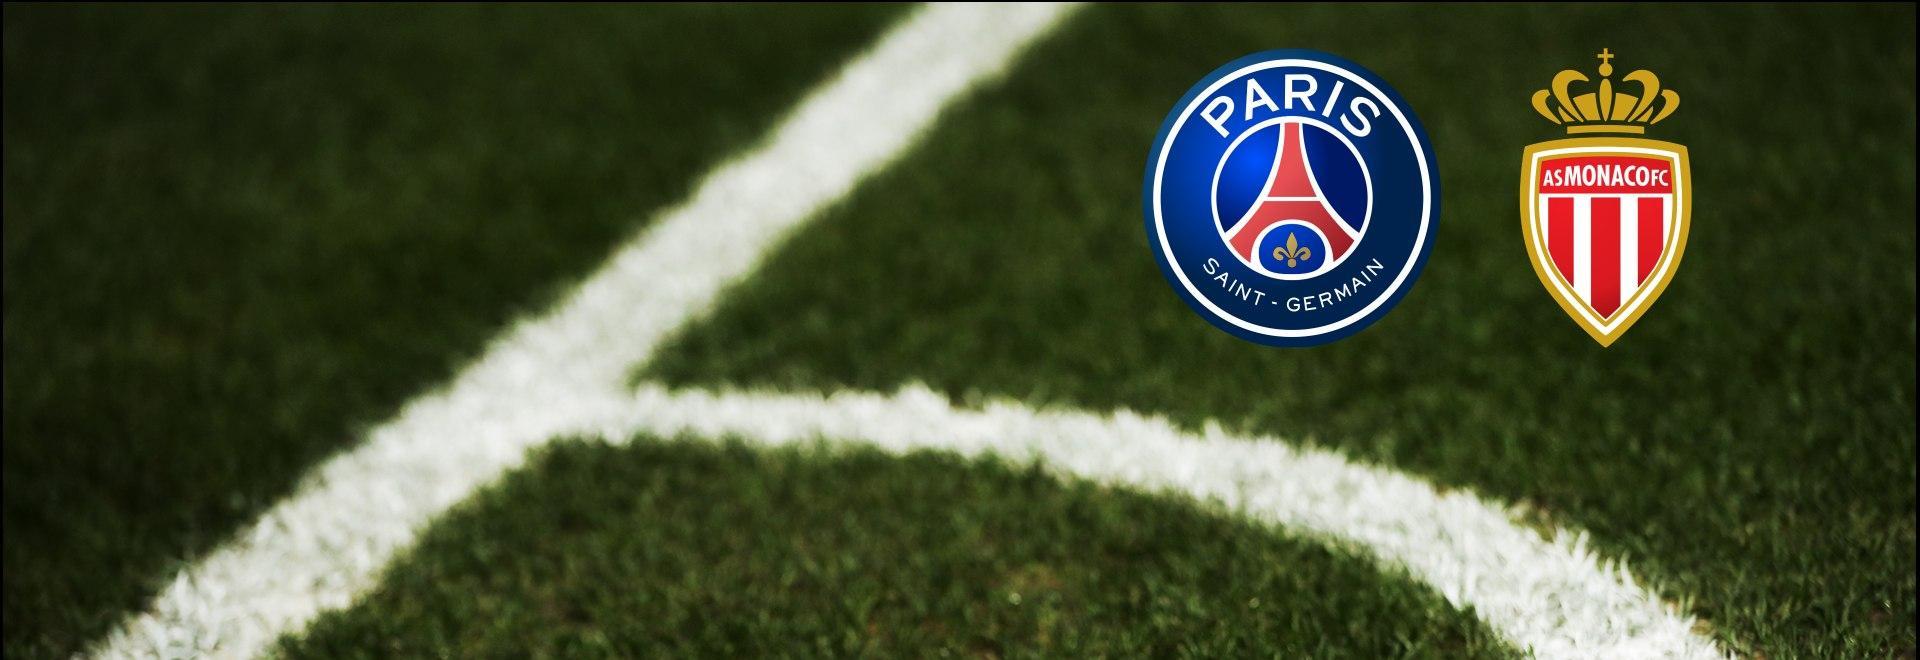 PSG - Monaco. 26a g.